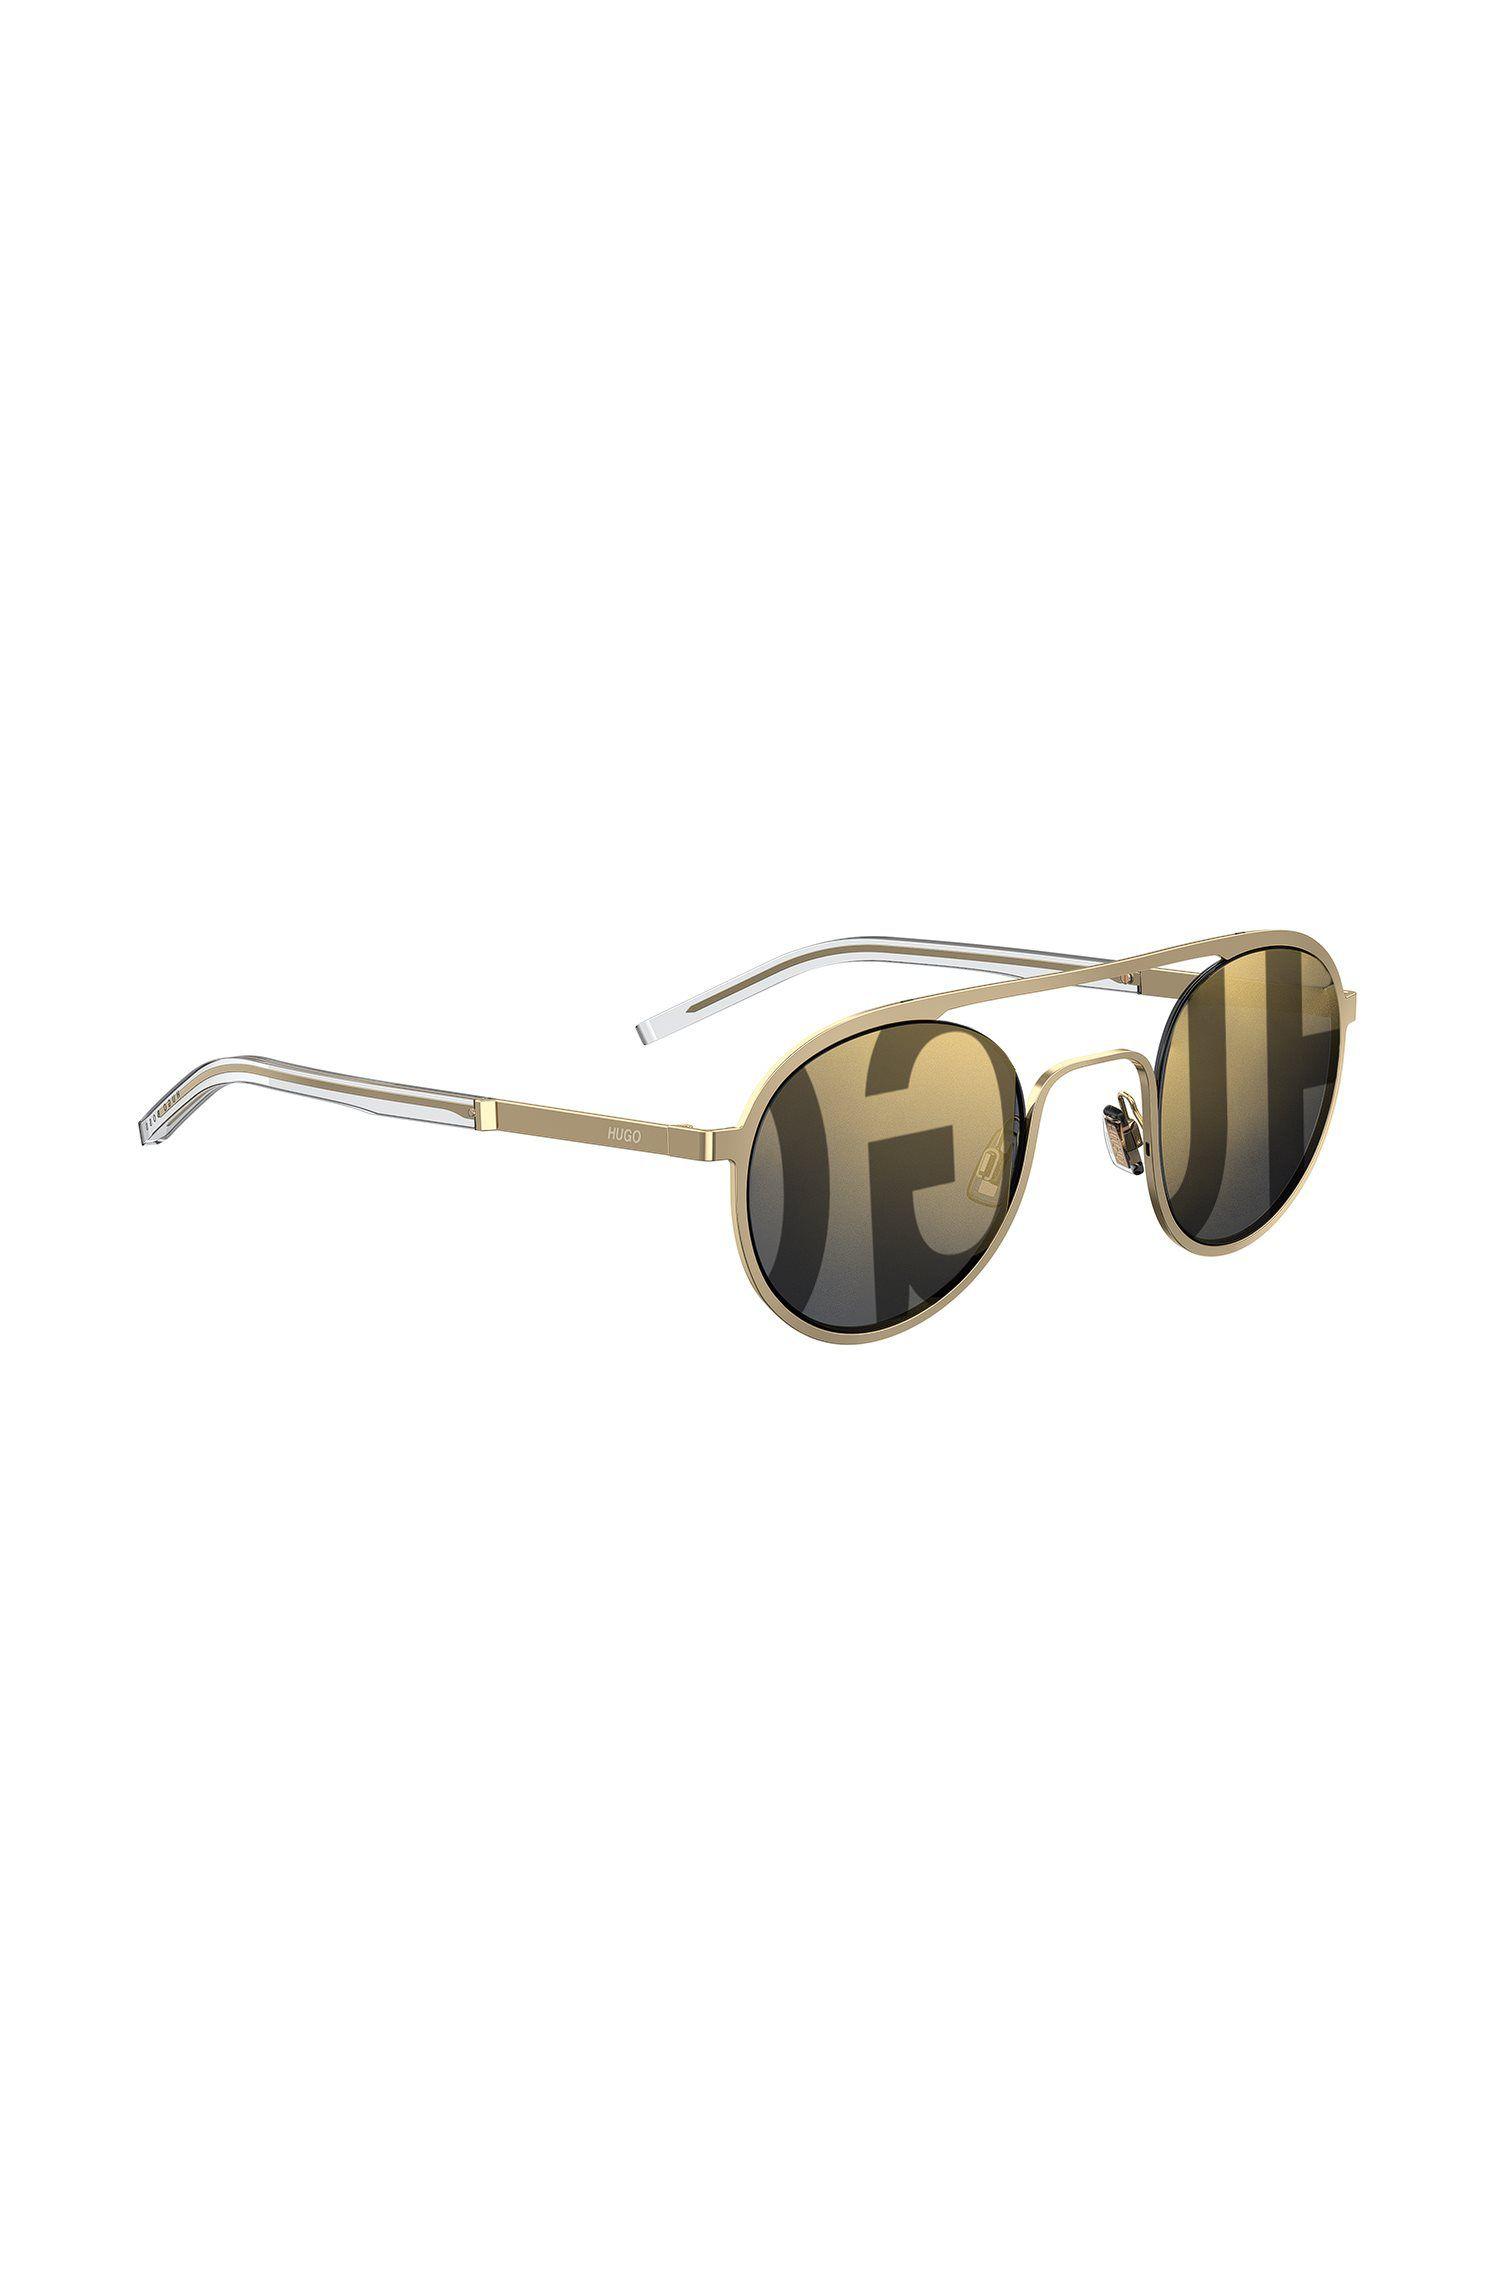 Goldfarbene Unisex-Sonnenbrille mit runden Logo-Gläsern, Gold